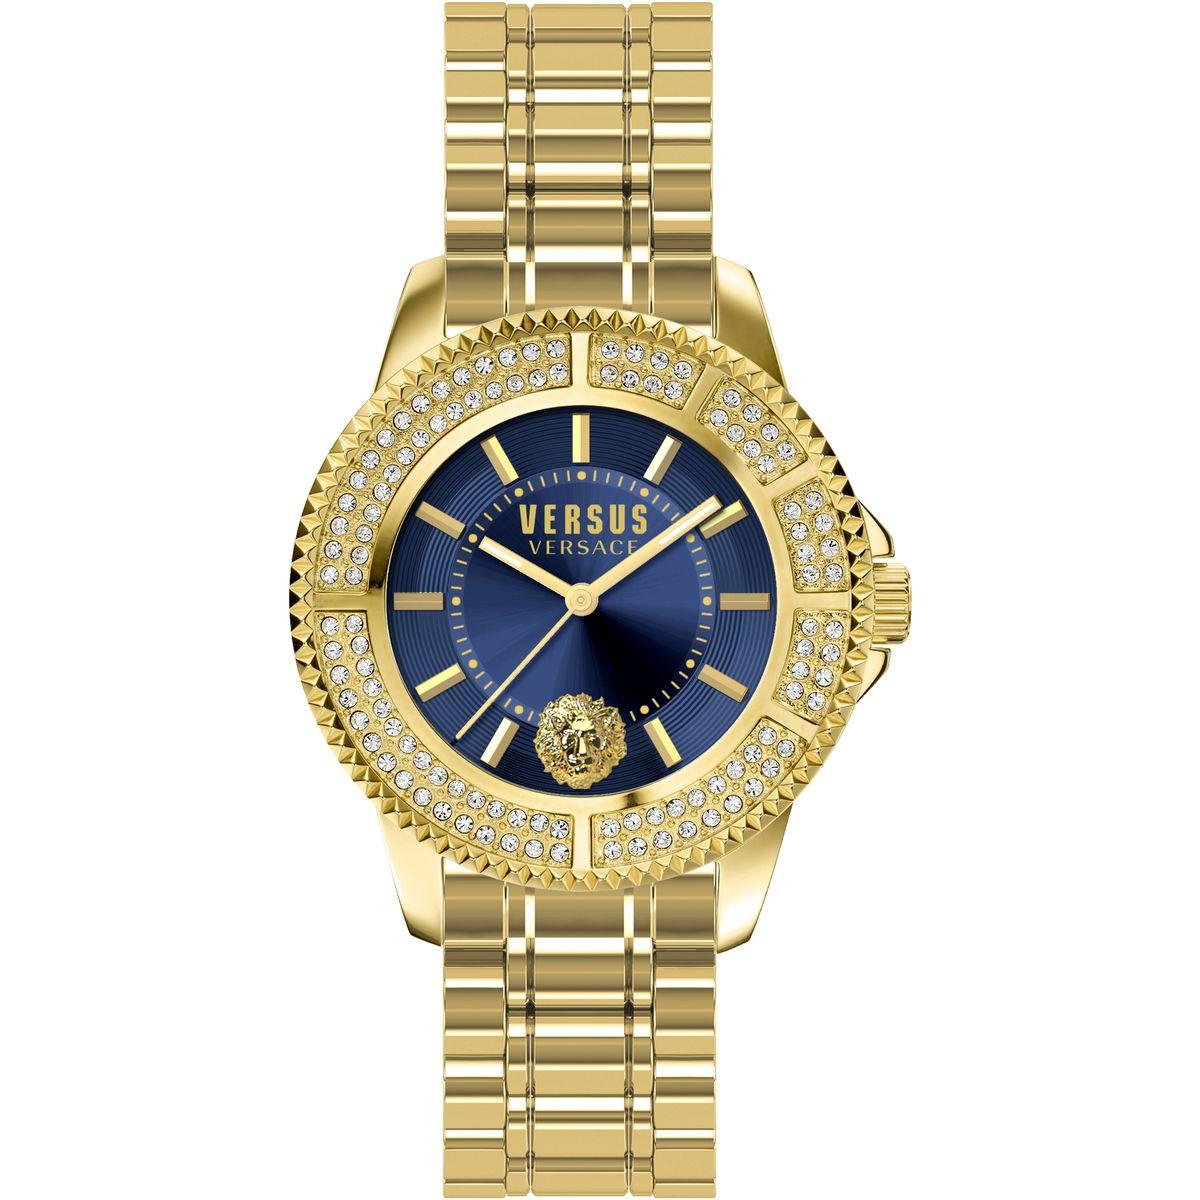 Наручные часы женские Versus Versace, цвет: золотой. SGM25 0015SGM25 00153 стрелки, кварцевый механизм Citizen_2035, сталь, браслет, застежка из стали, минеральное стекло, кристаллы SWAROVSKI, водонепроницаемость 5 АТМ.